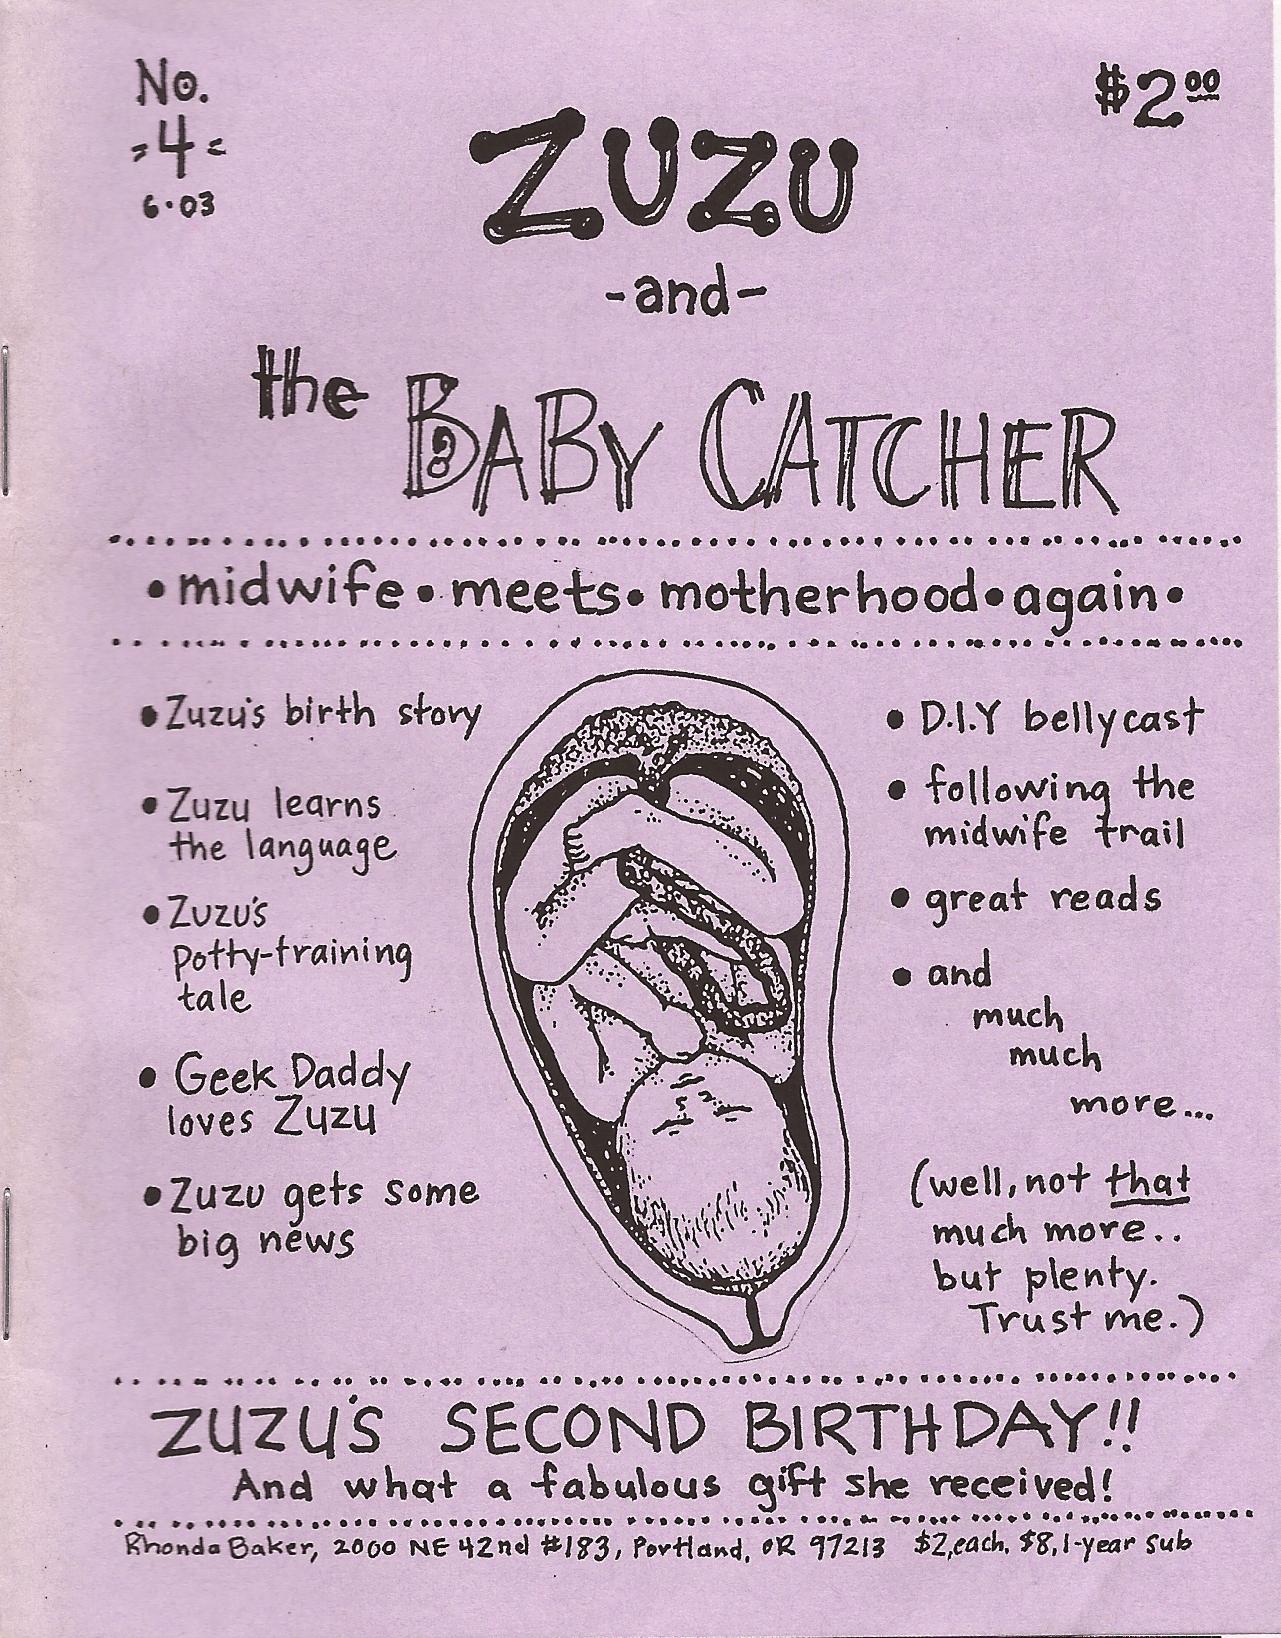 Zuzu and the Baby Catcher Issue 4